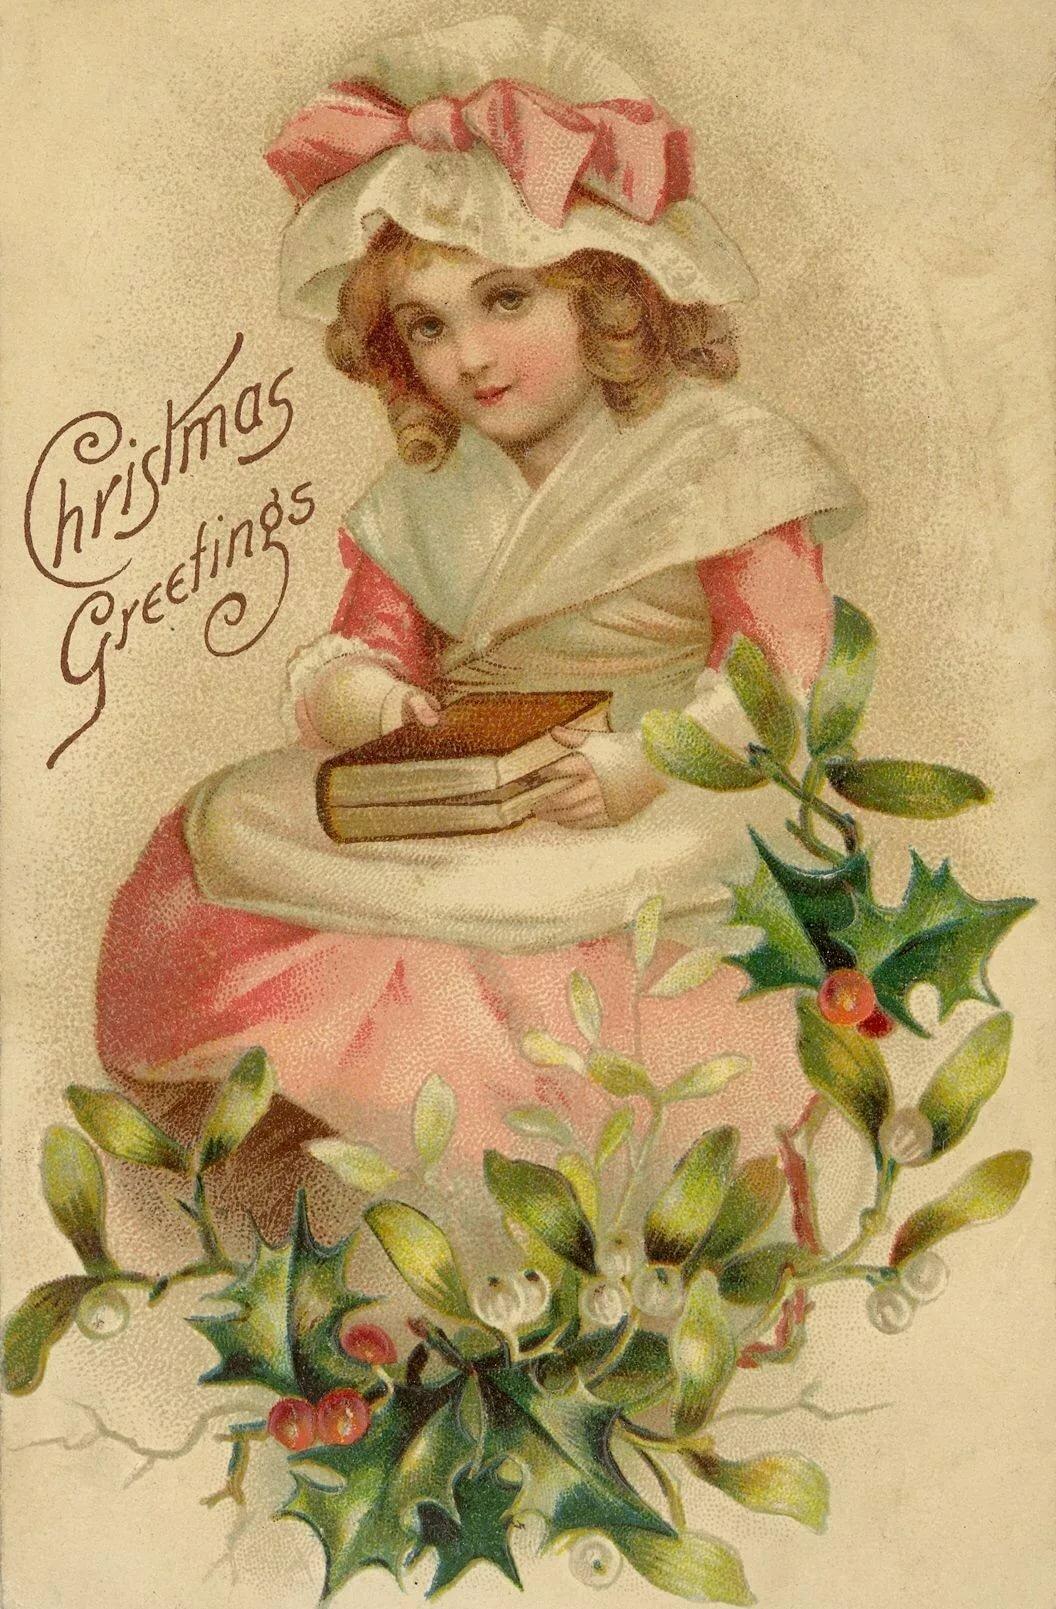 картинки открытки в стиле винтаж всего, читатели этой